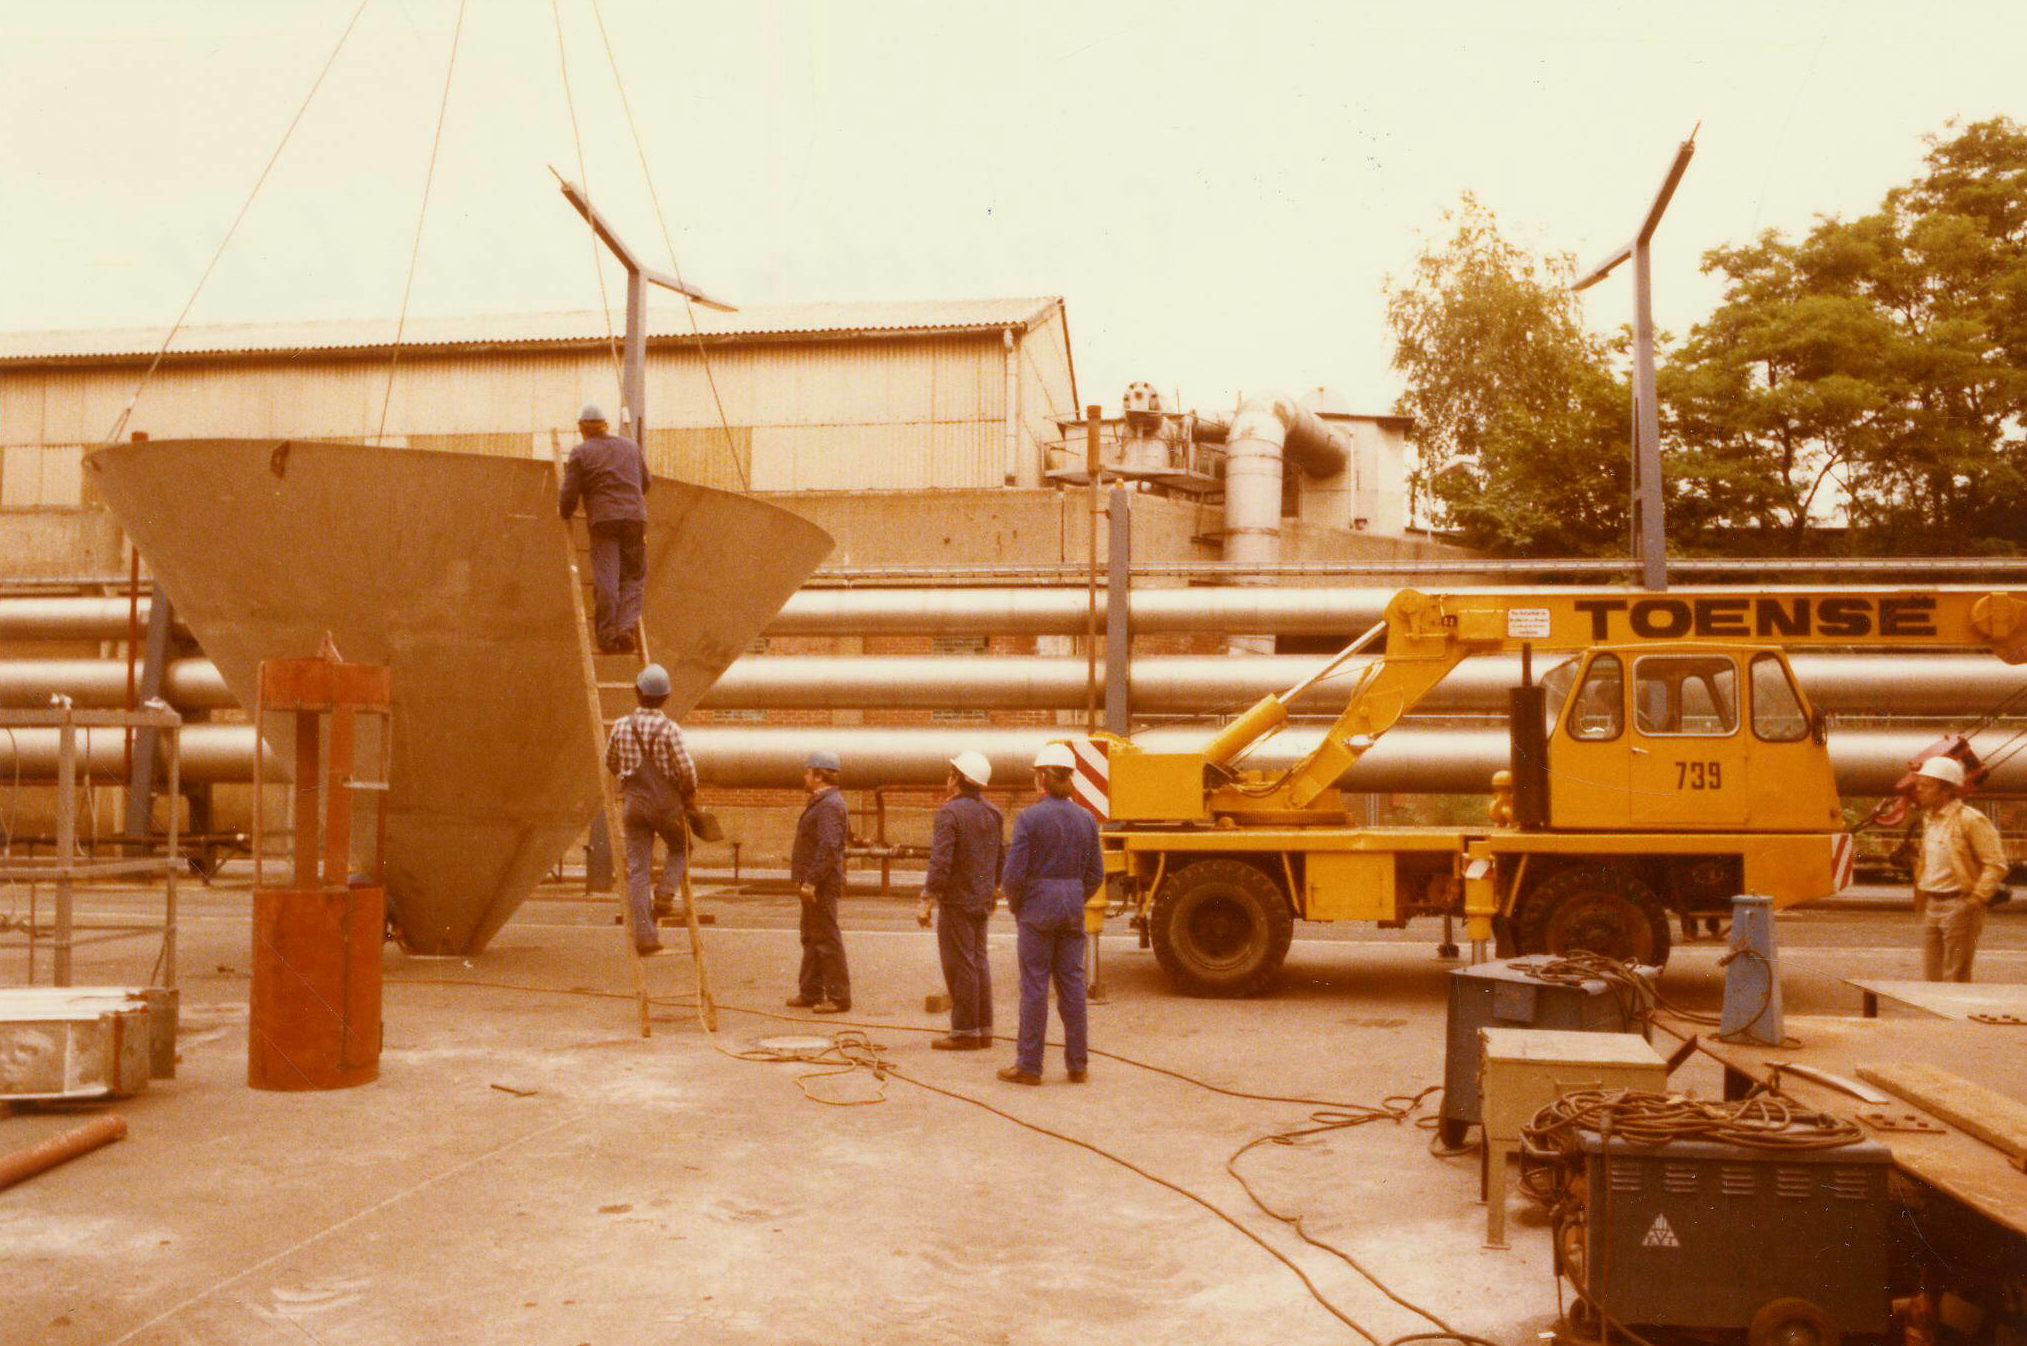 Einziehen von Edelstahlrohren in die Schornsteine. Foto: Vattenfall/Bewag Archiv